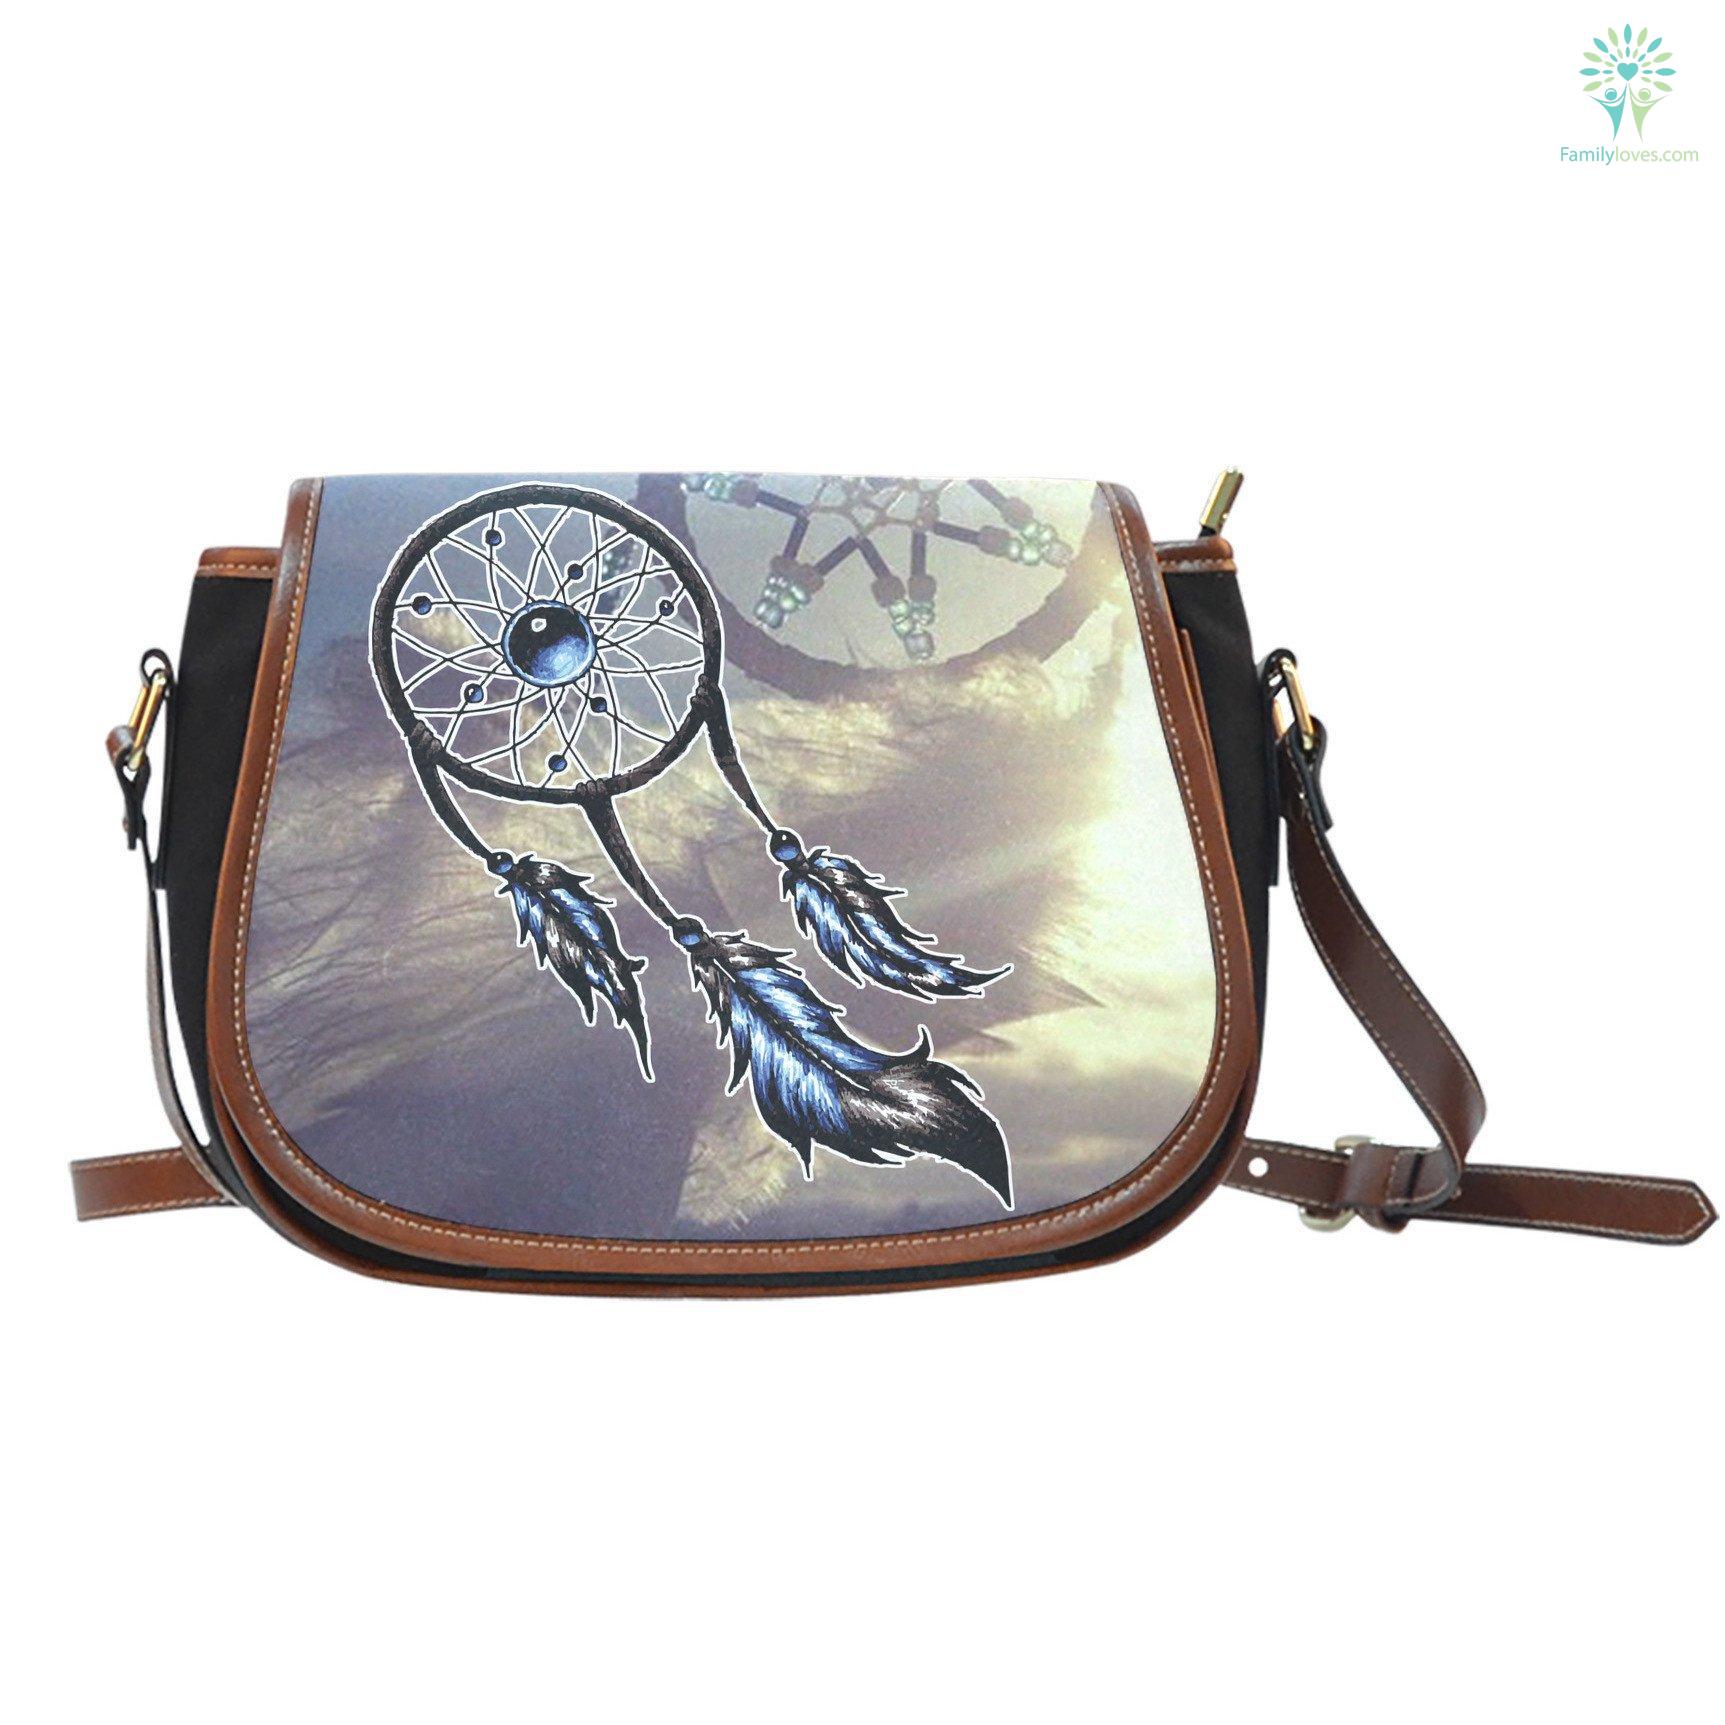 Native Dreamcatcher Saddle Bag Familyloves Com